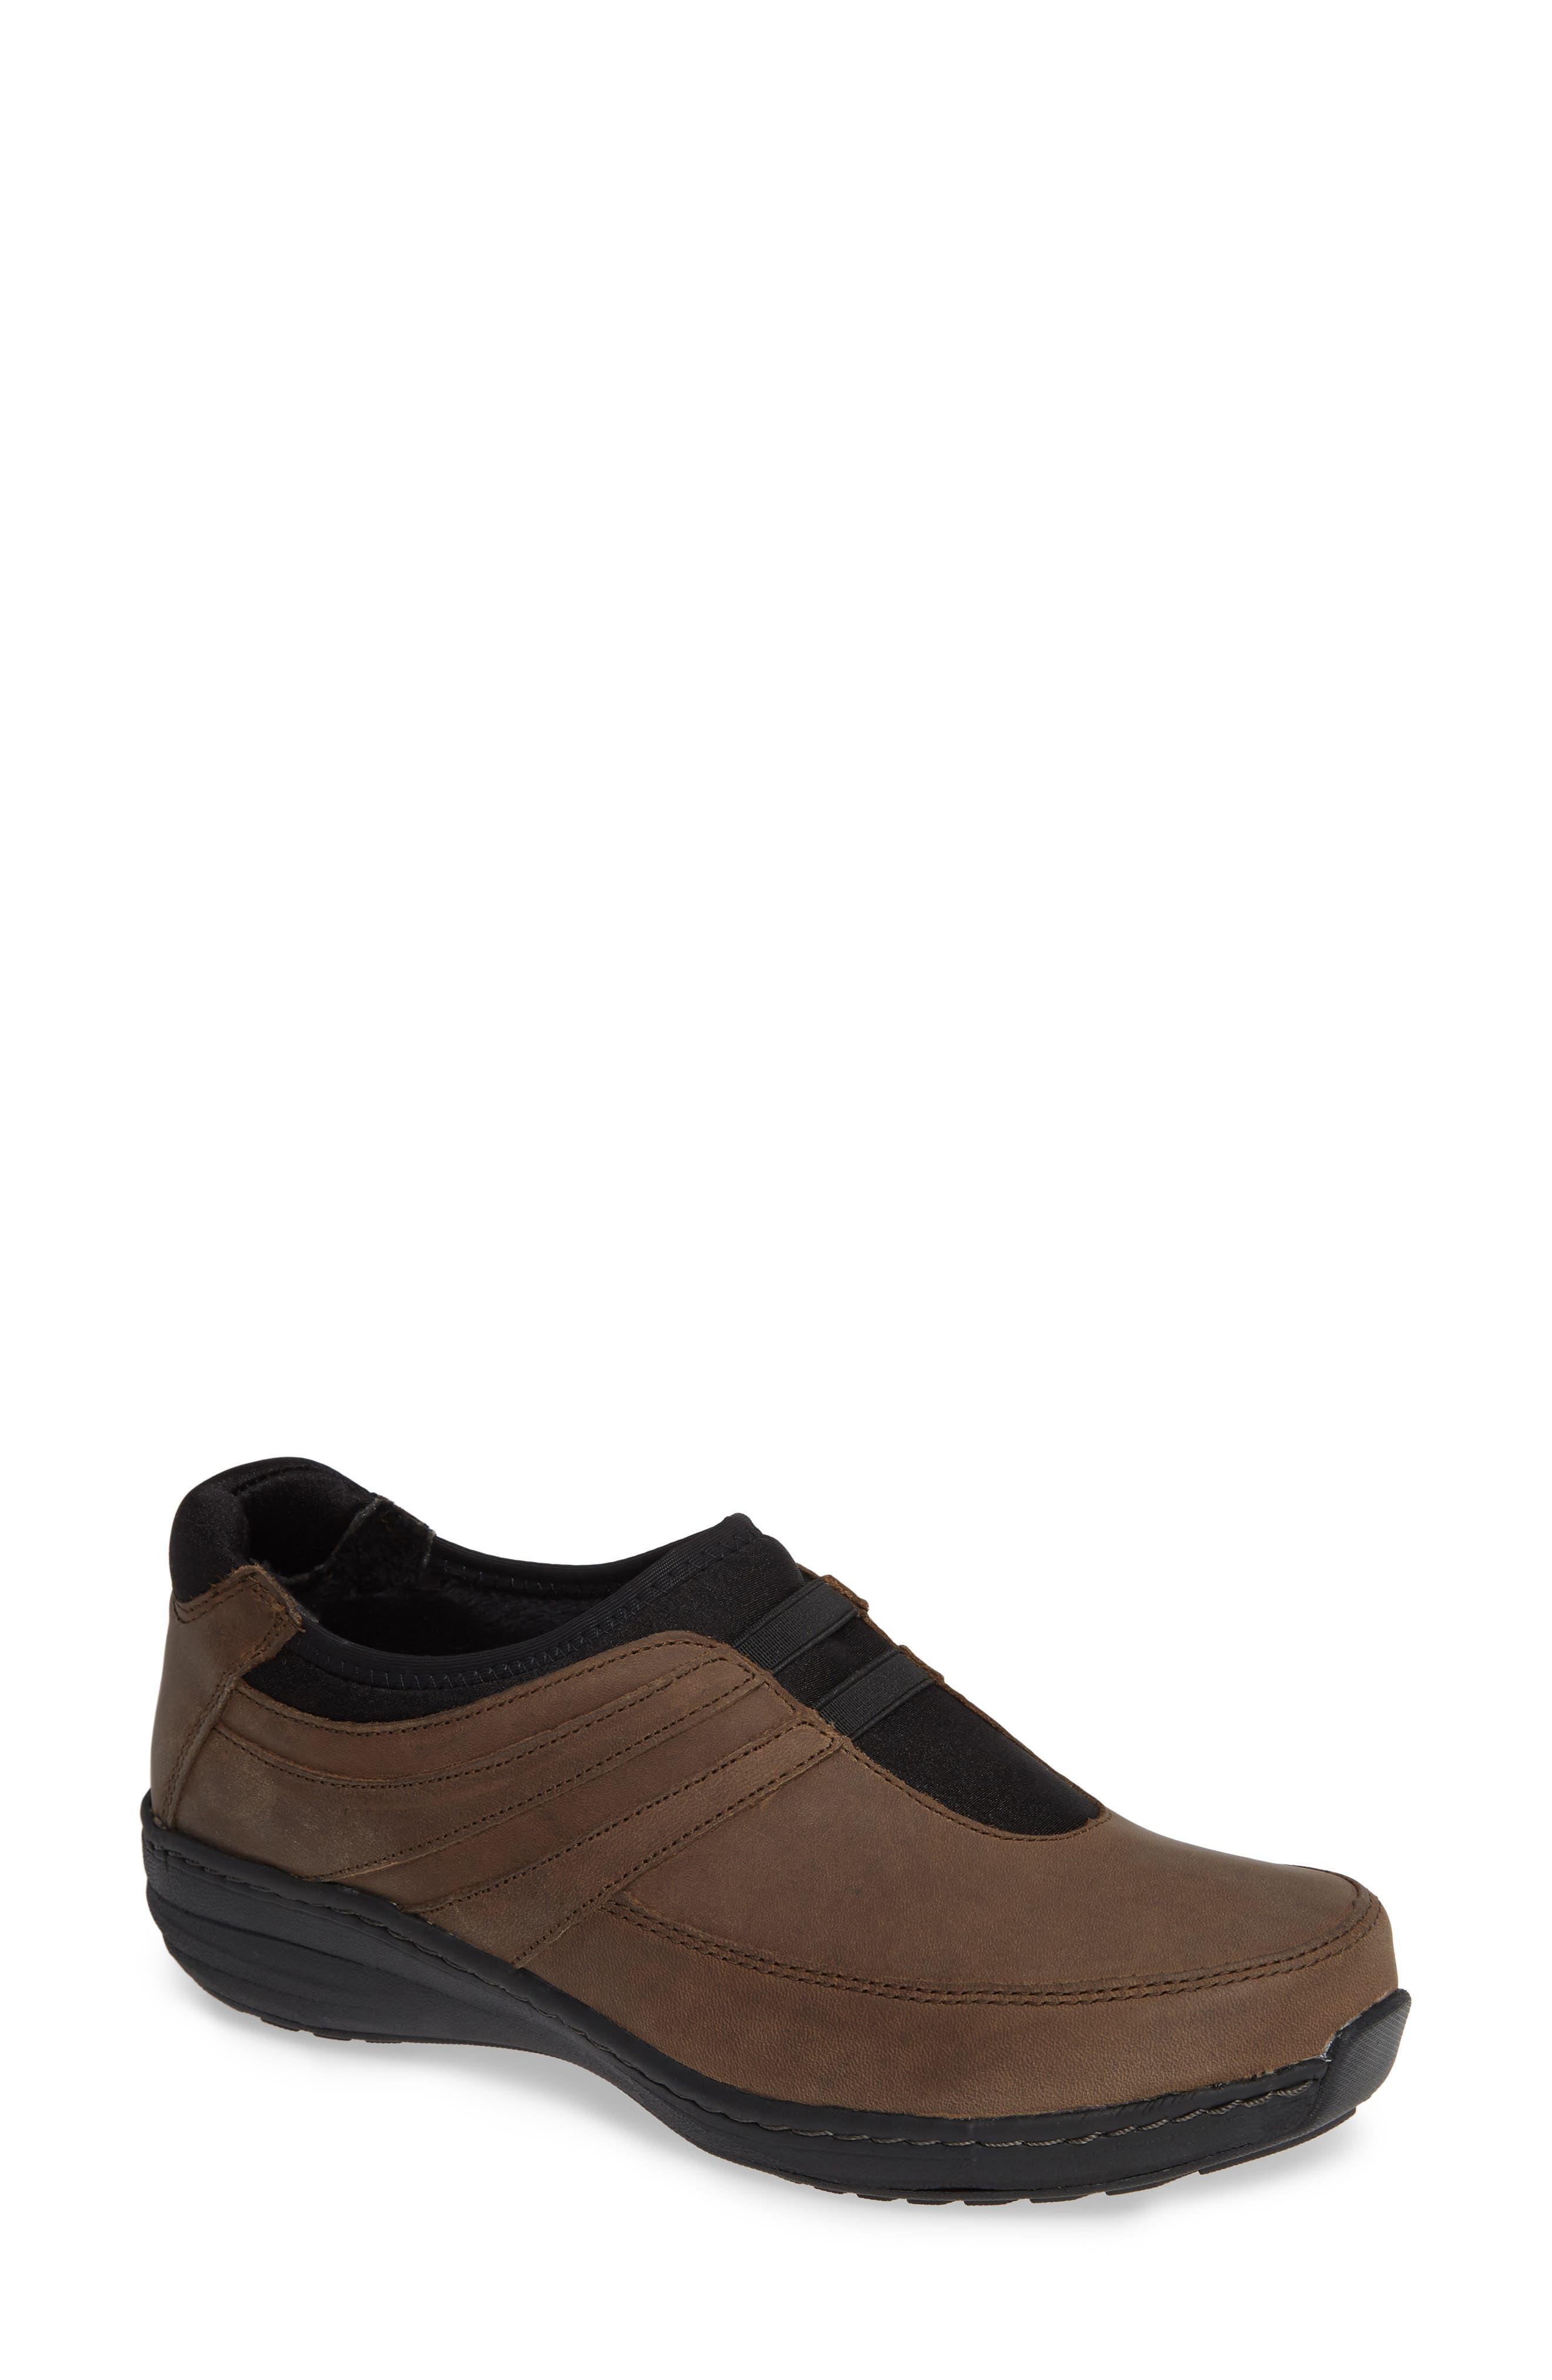 Aetrex Berries Slip-On Sneaker, Grey